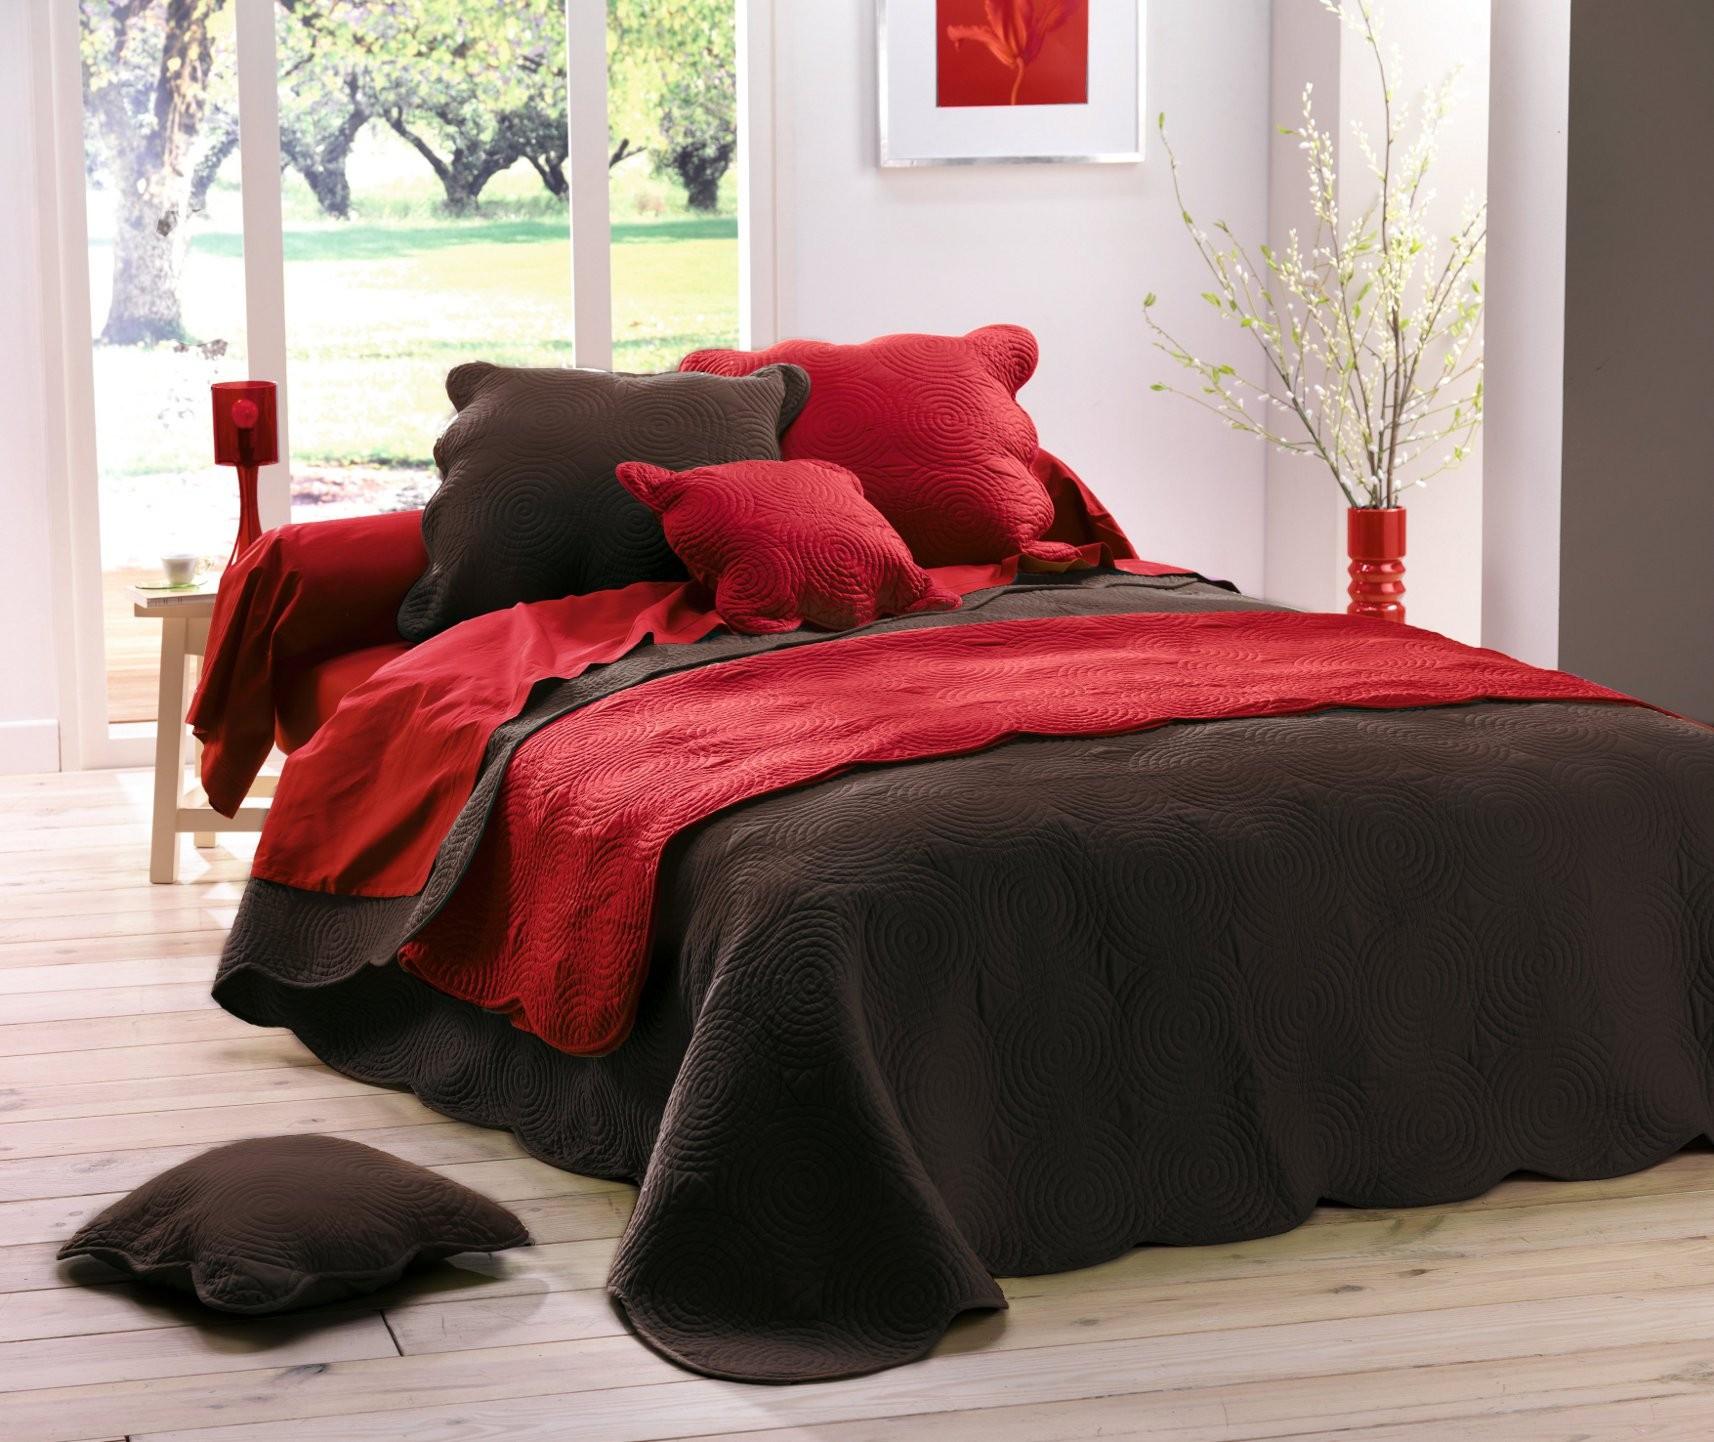 housse de coussin boutis uni chocolat 60 cm. Black Bedroom Furniture Sets. Home Design Ideas